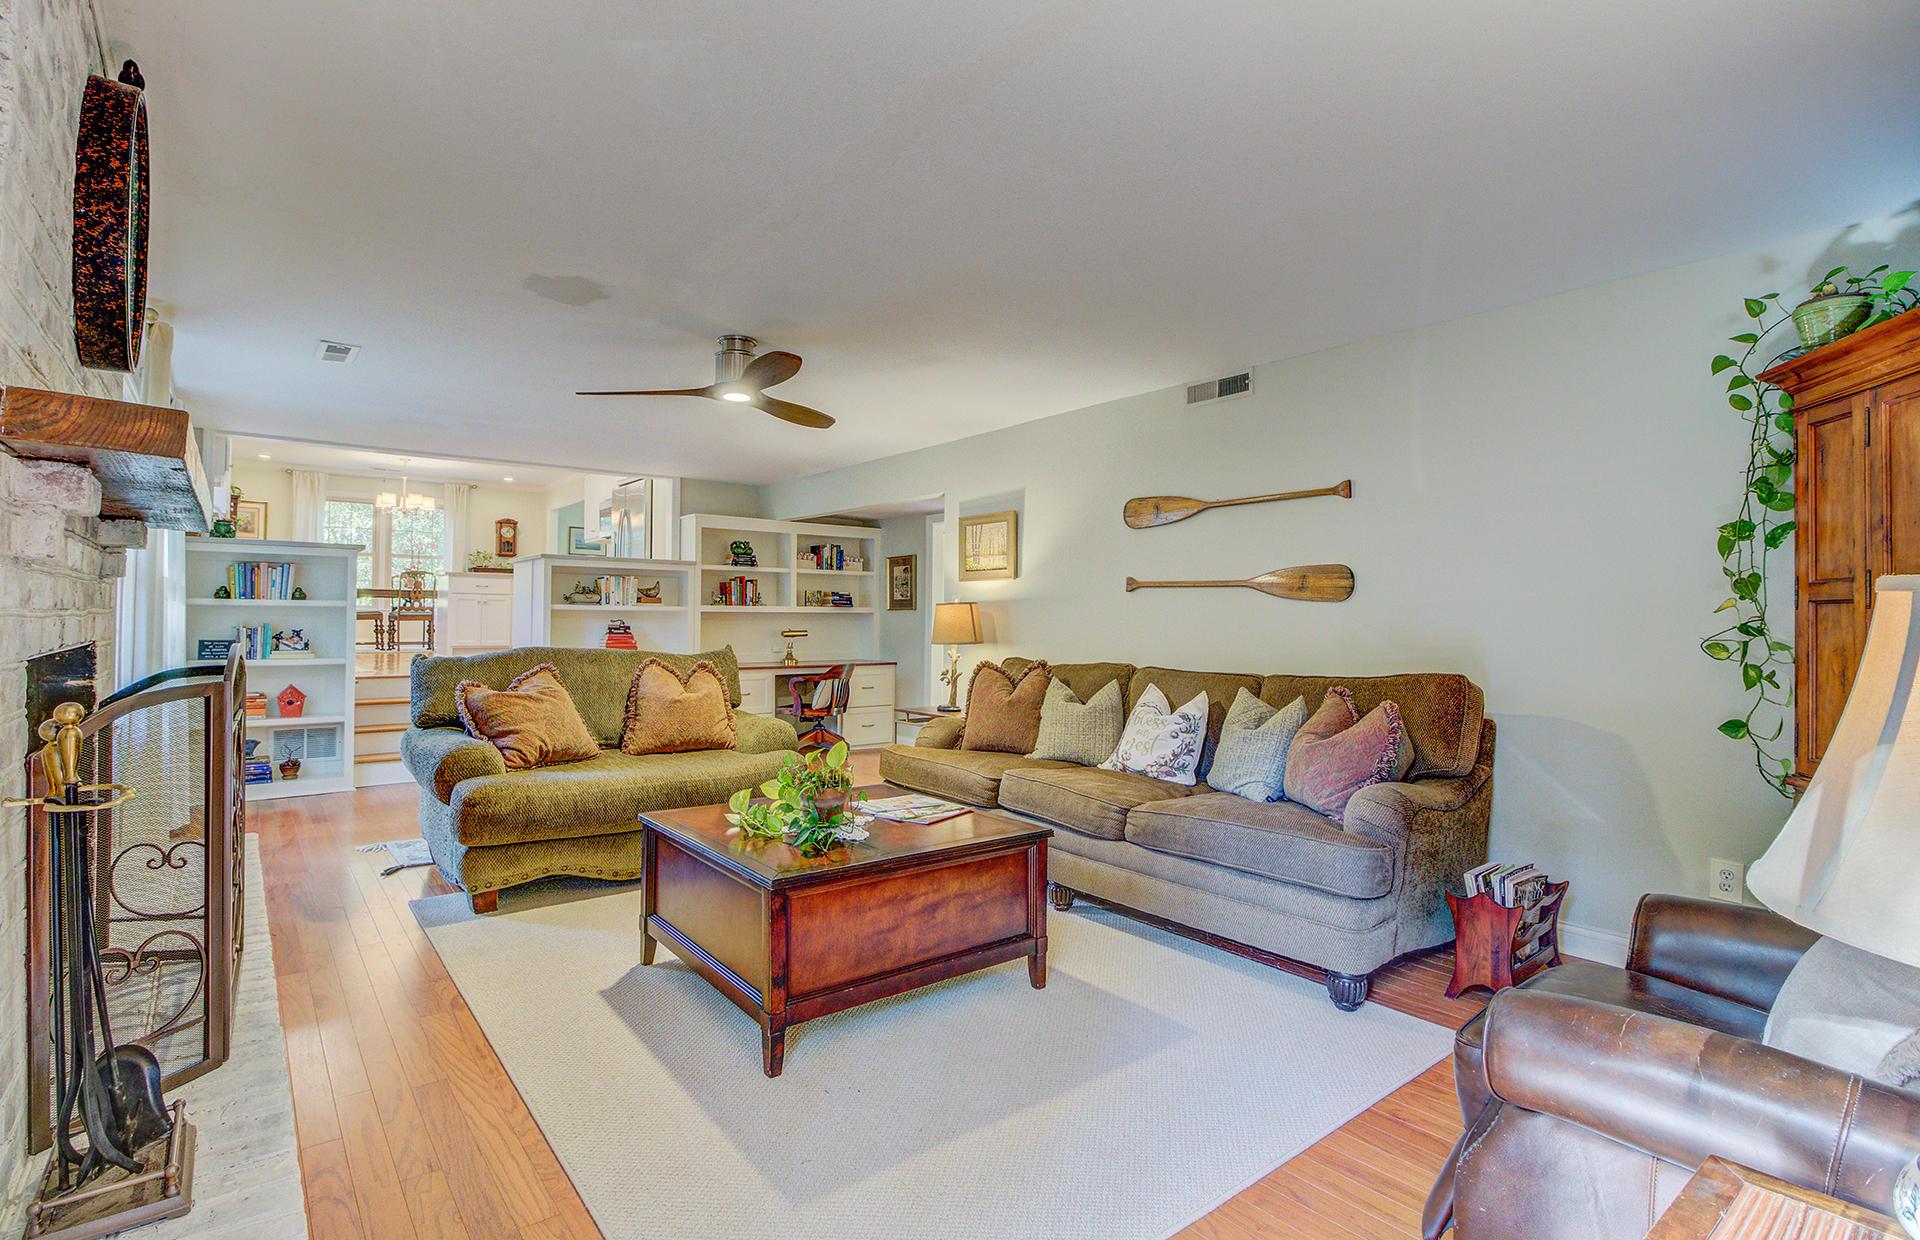 Pine Forest Inn Homes For Sale - 543 Simmons, Summerville, SC - 55